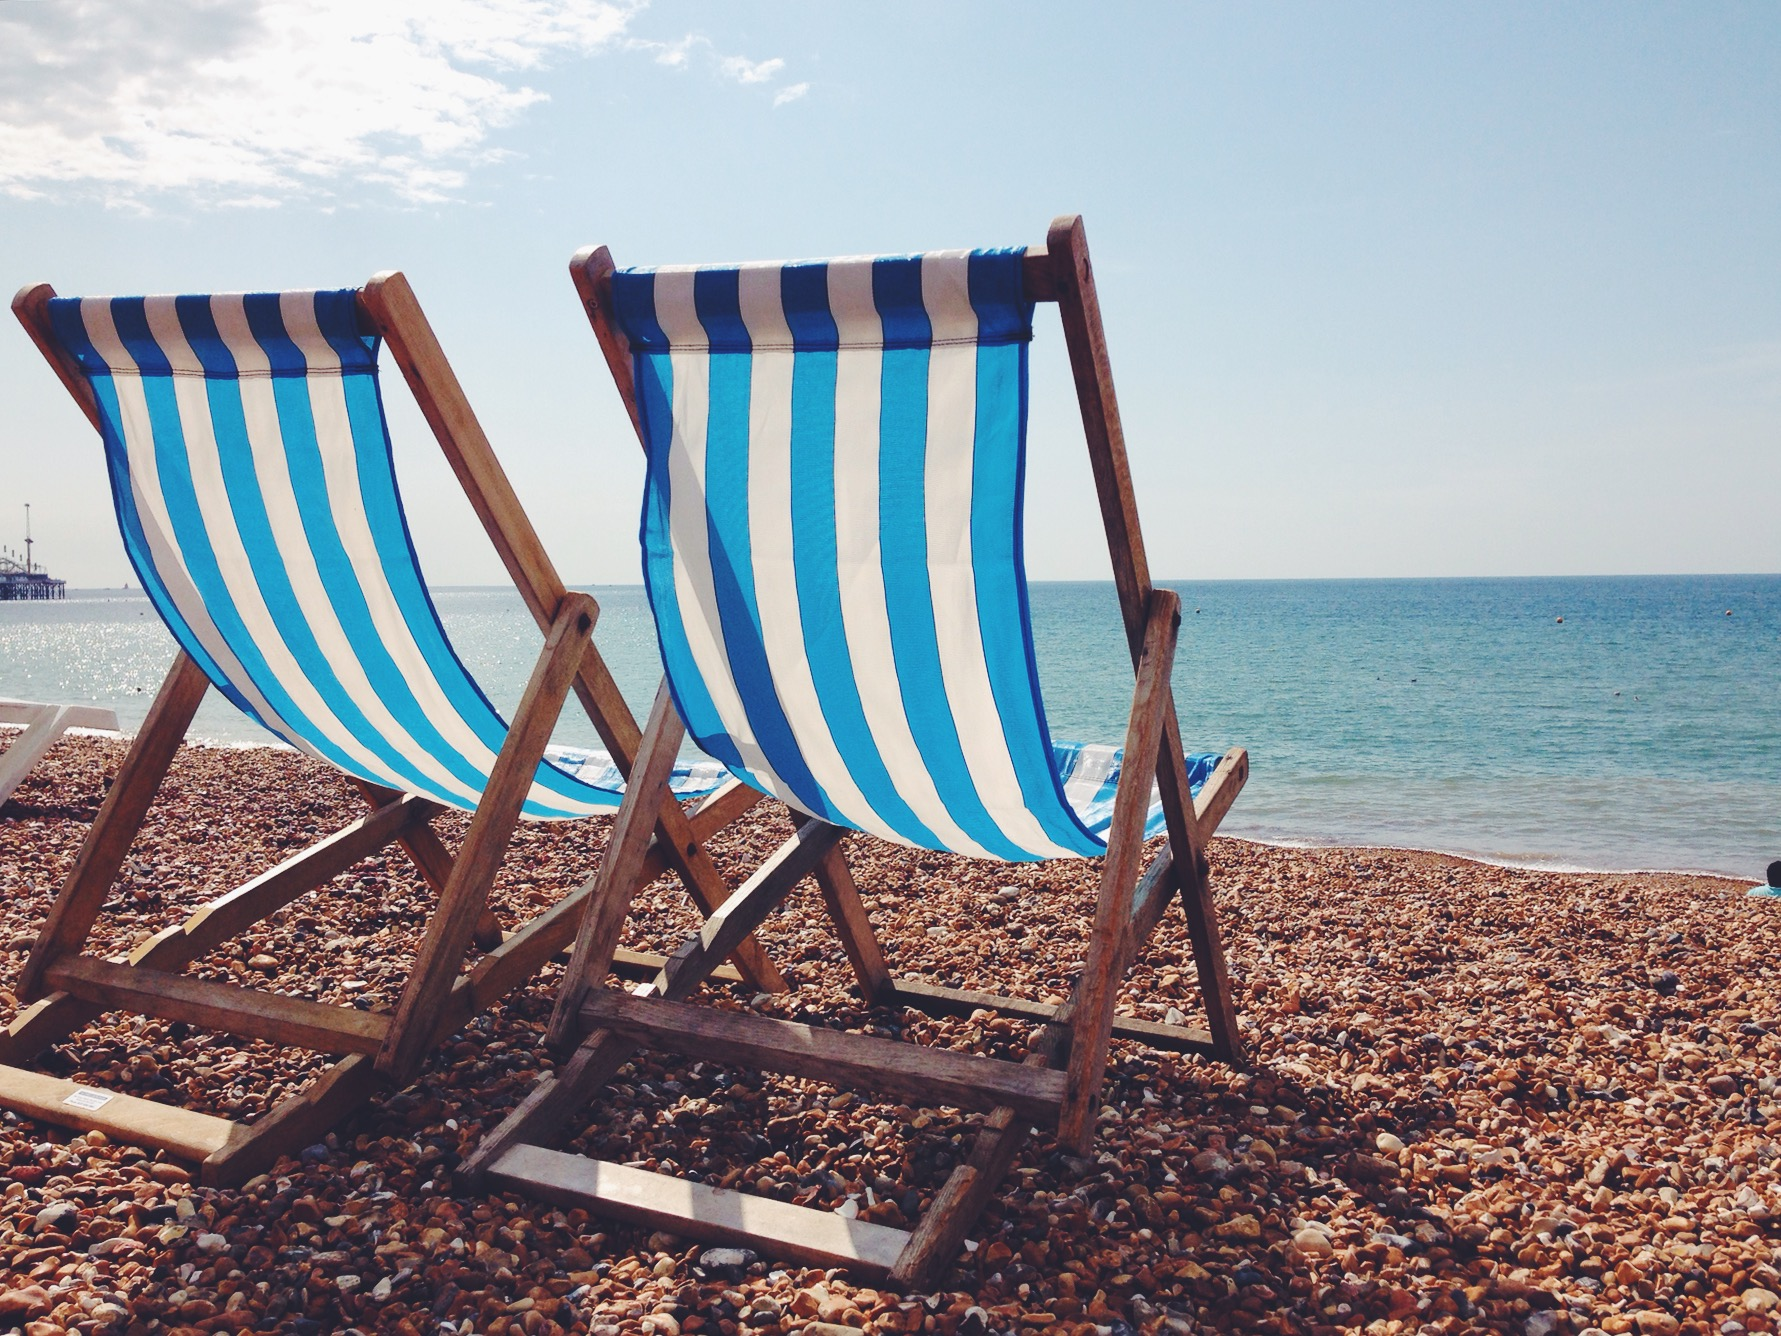 Vuoi andare a Brighton e non passare almeno un'oretta rilassato sulle sdraio a righe bianche e azzurre?